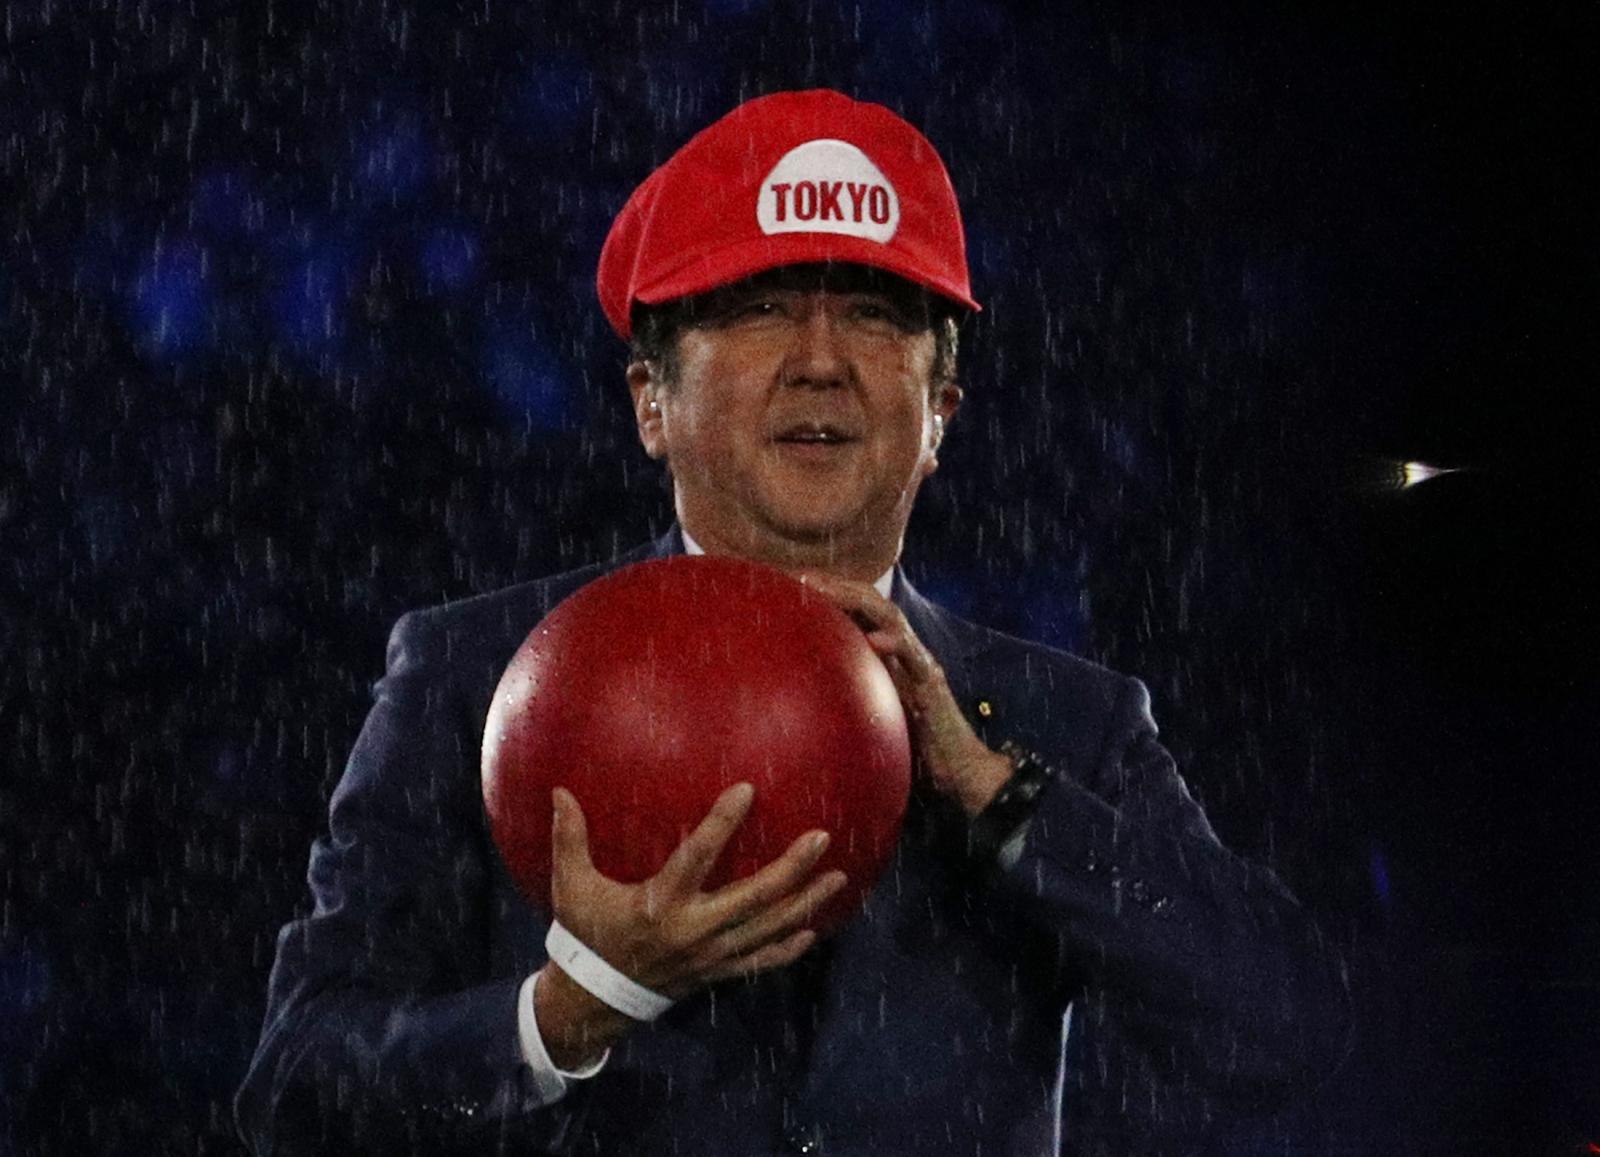 Shinzo Abe Tokyo 2020 Mario 2